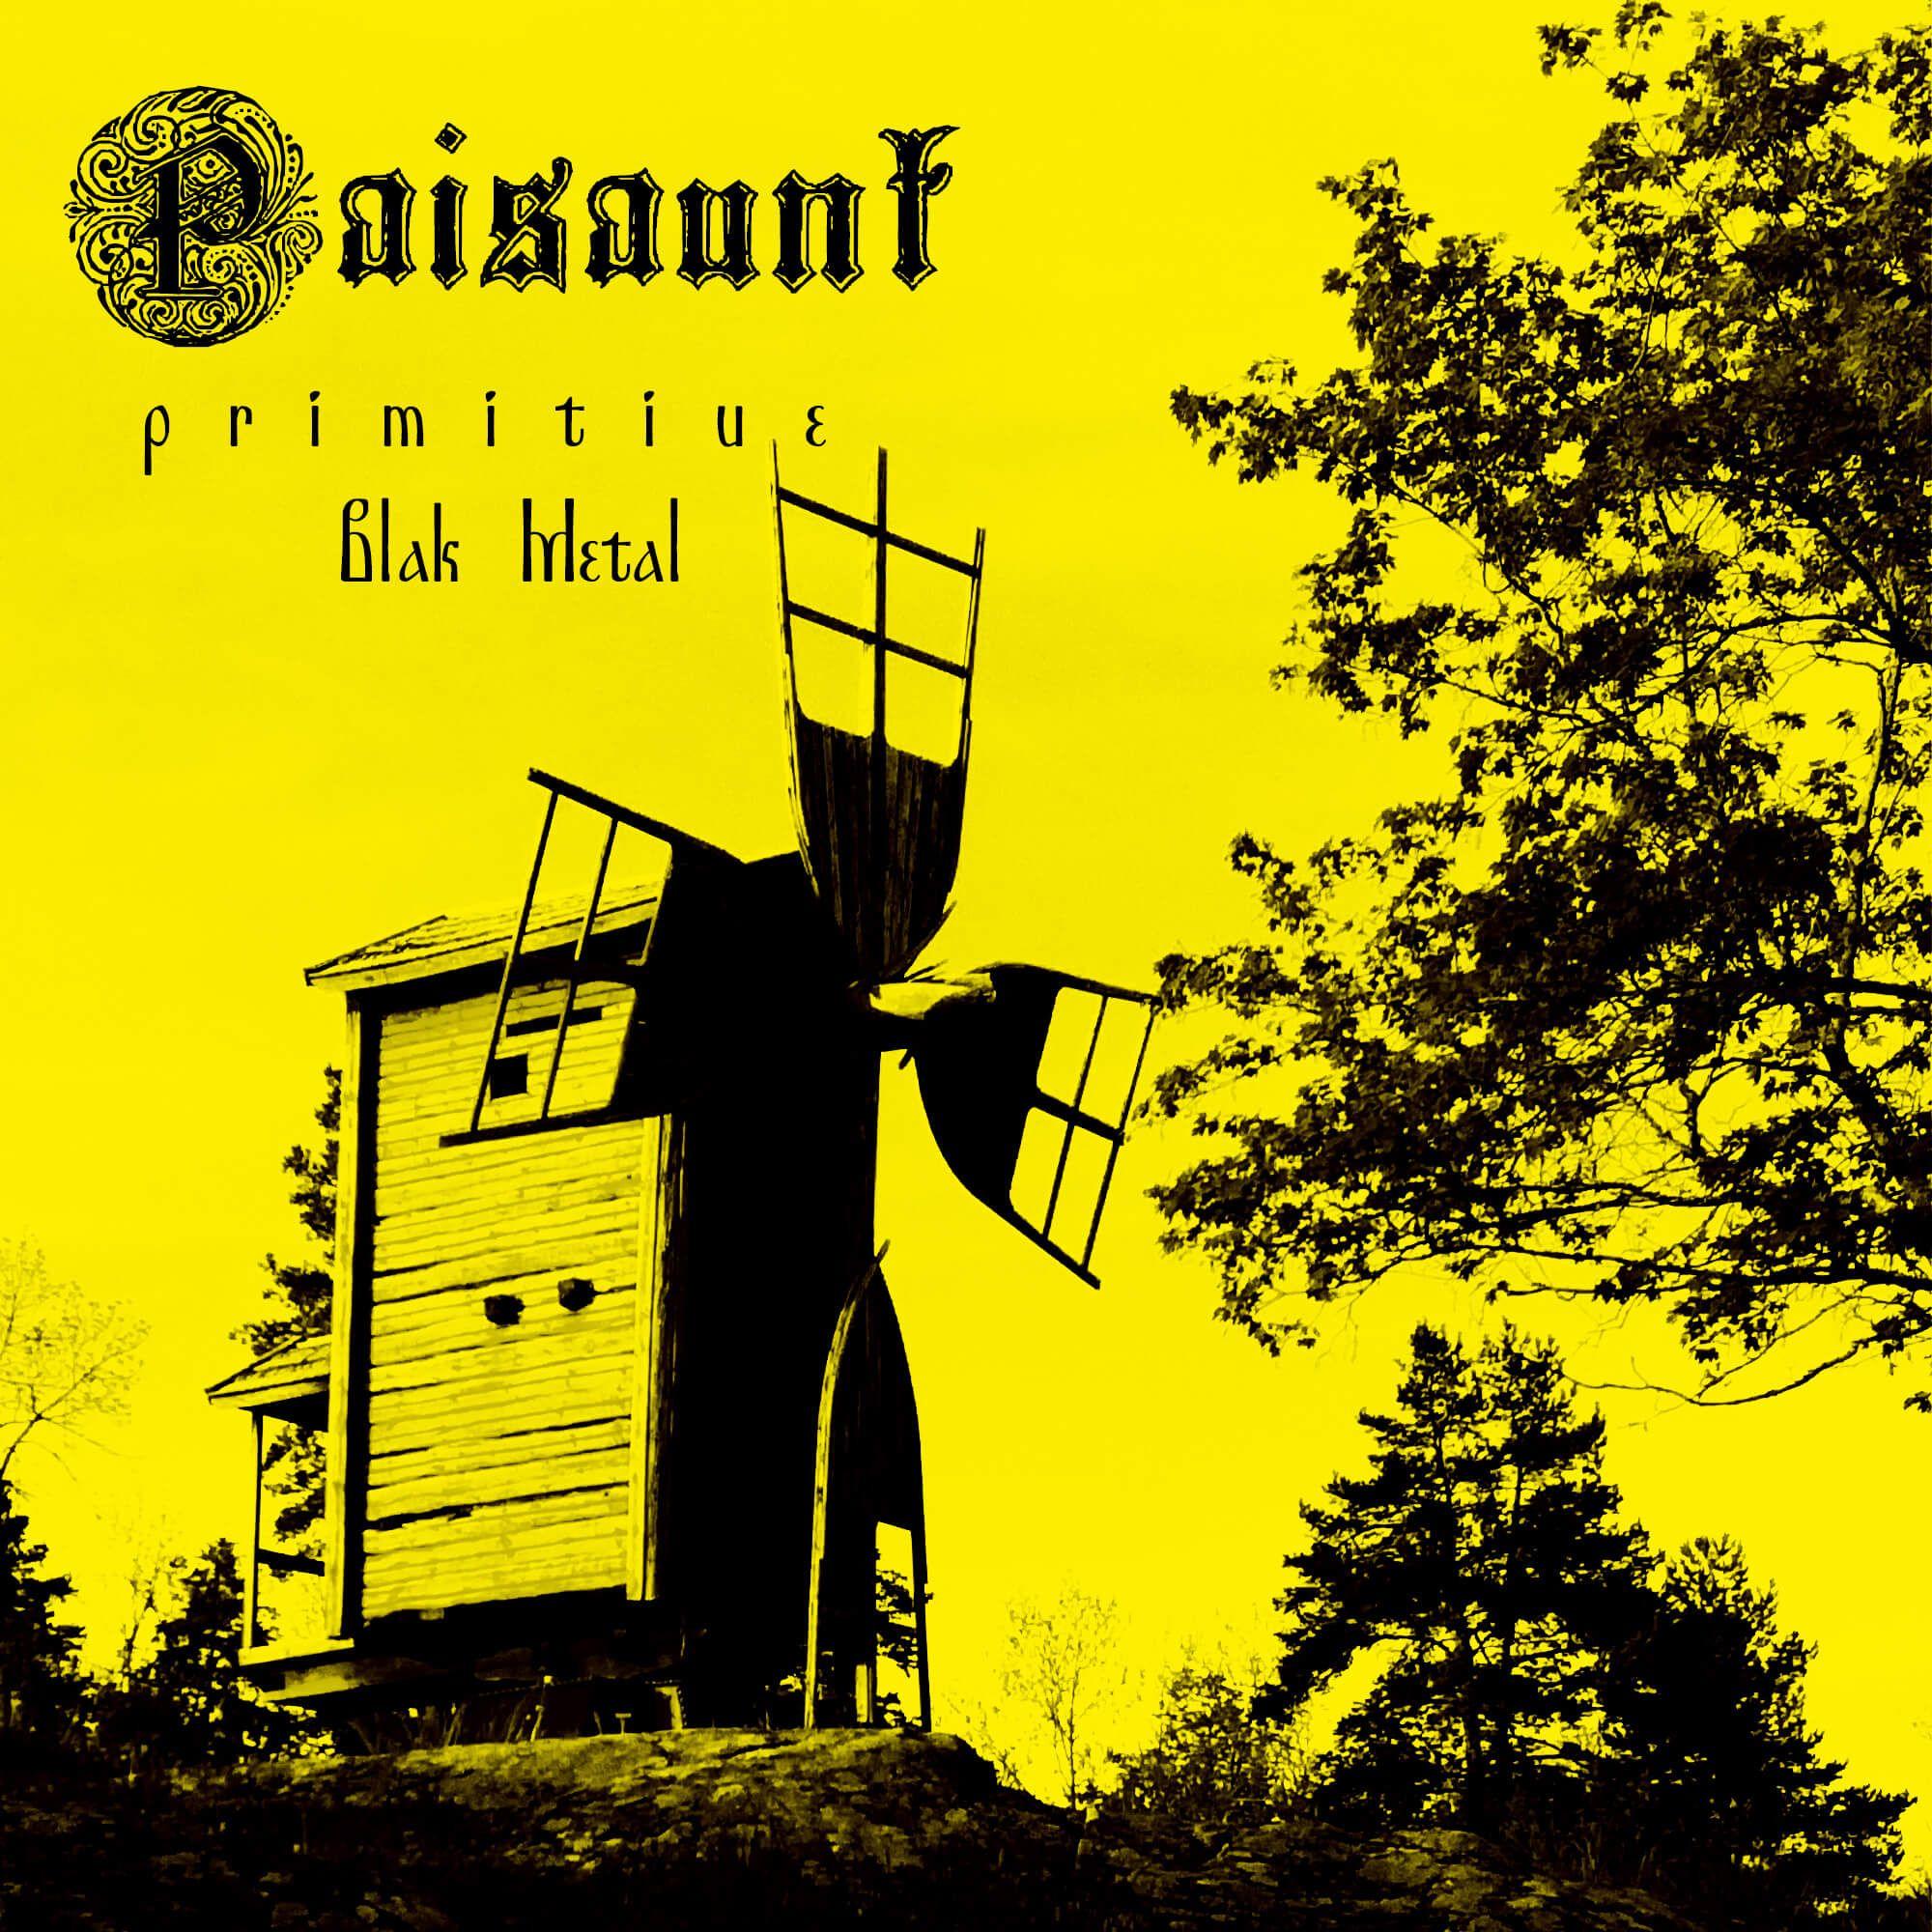 Paisaunt - Primitiue Blak Metal